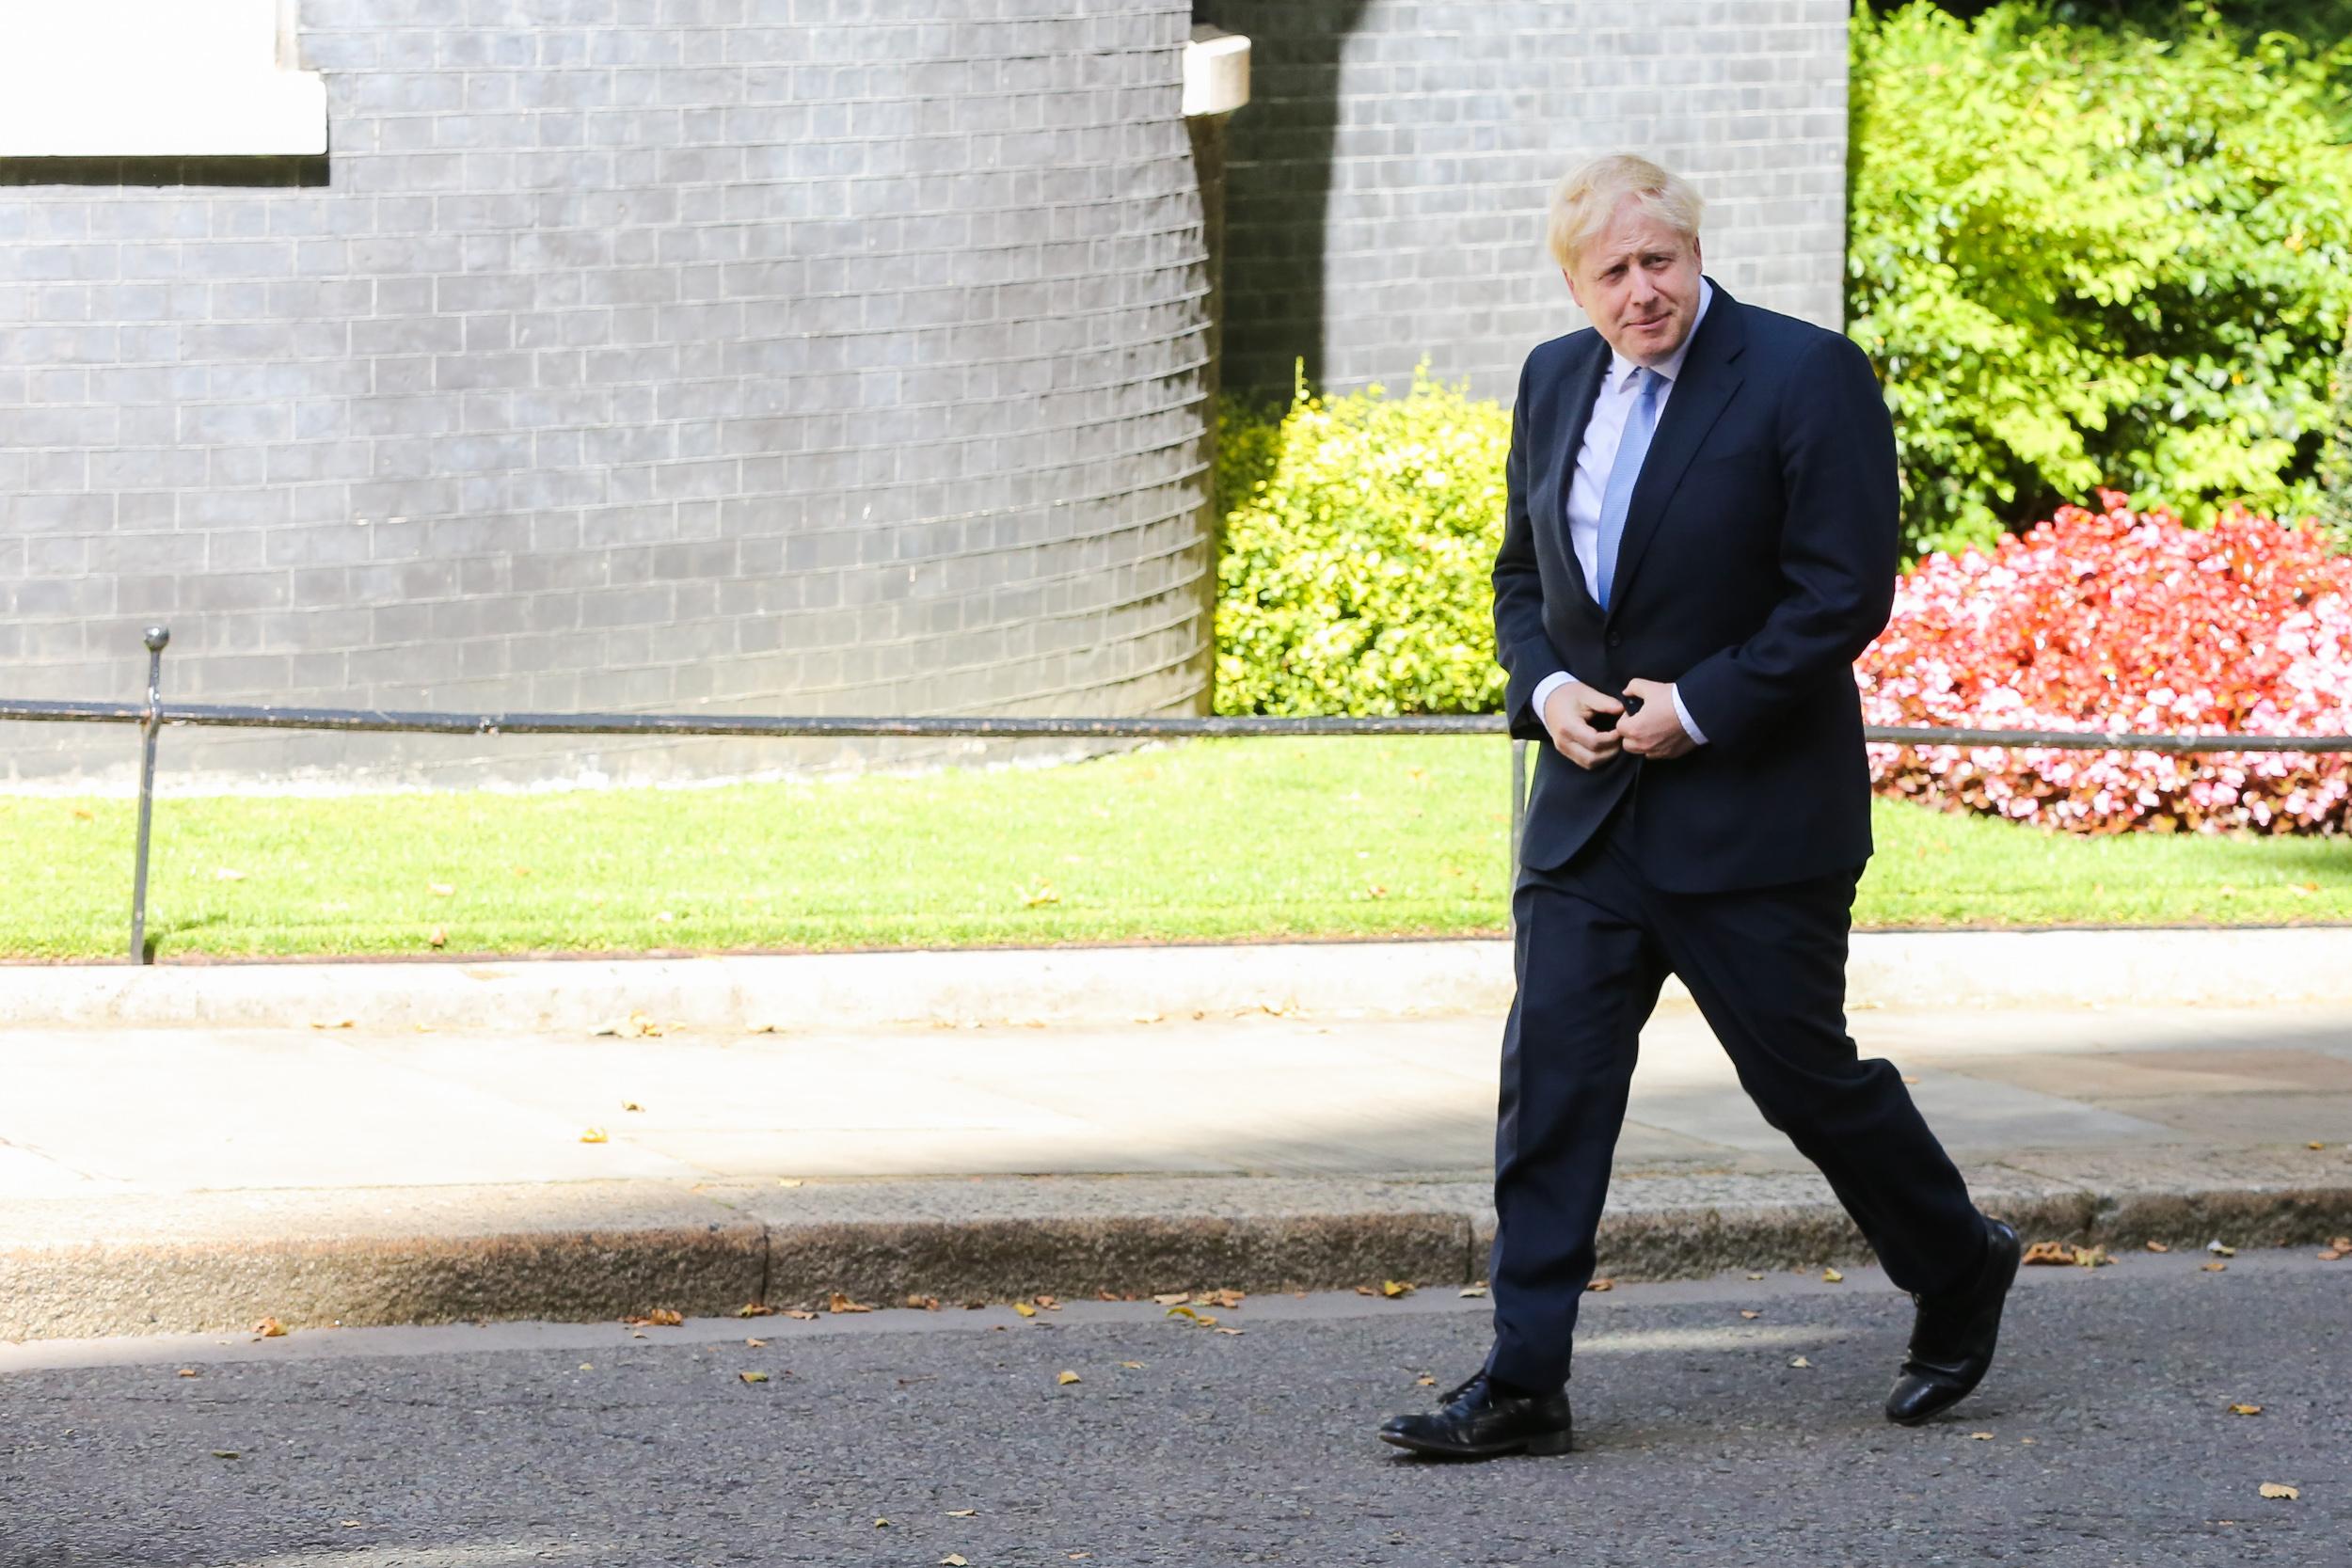 Yoğun bakıma alınan Boris Johnson hakkında yeni gelişme